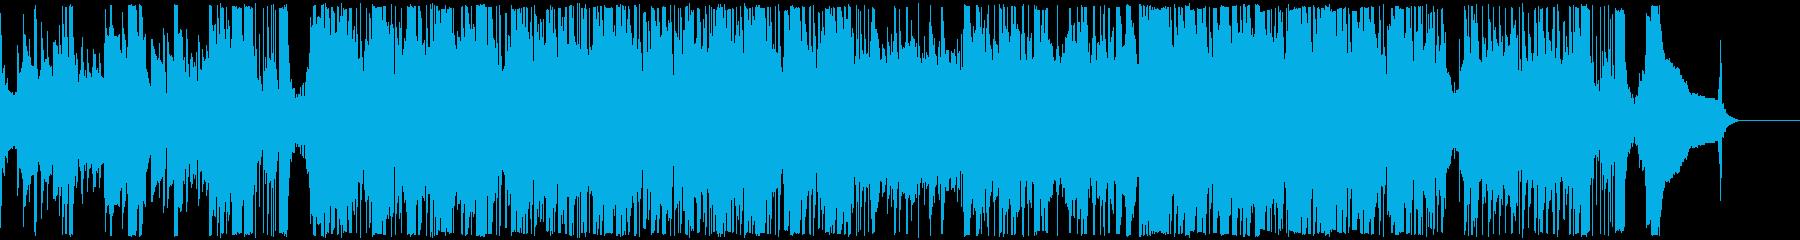 迷宮をイメージした曲の再生済みの波形